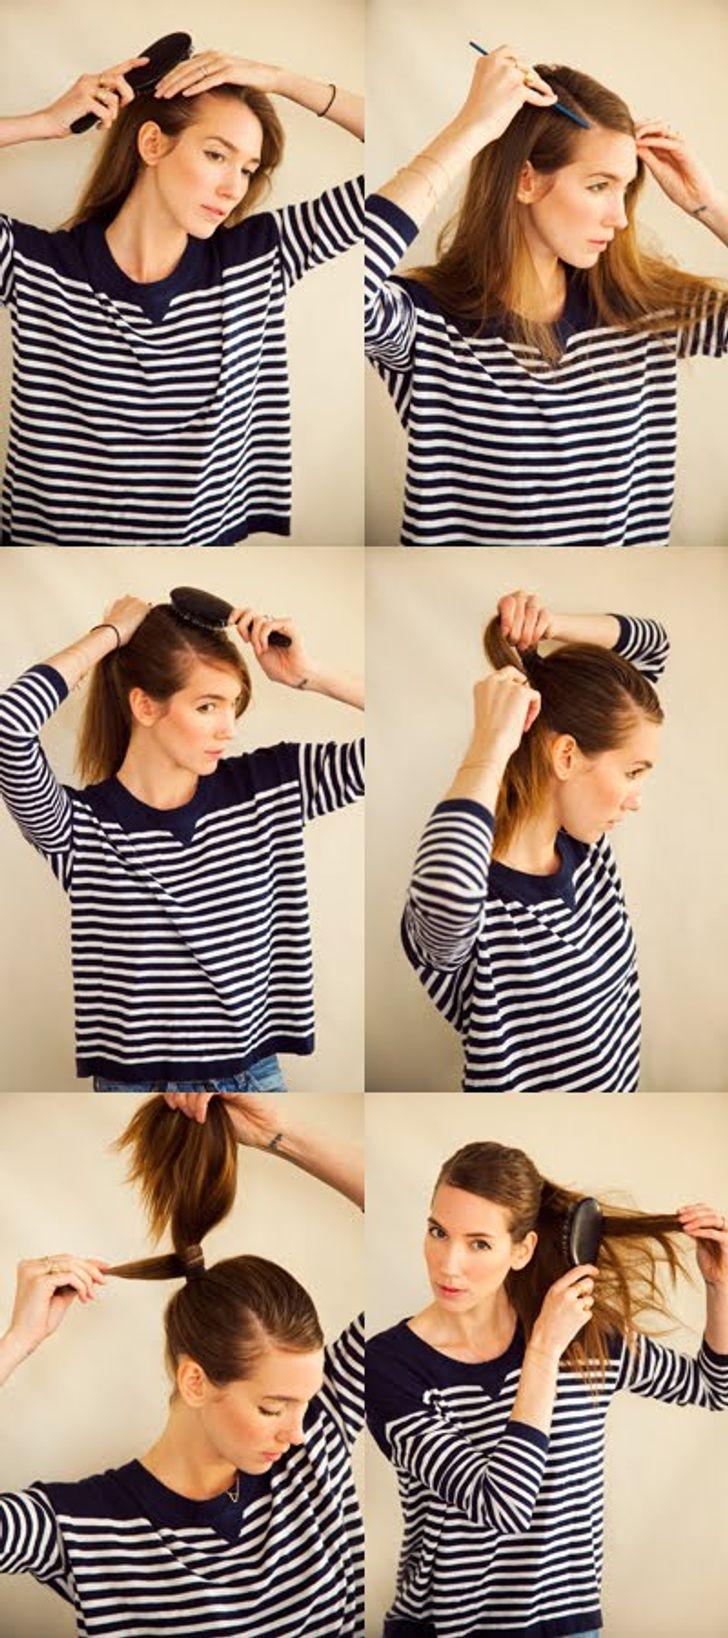 Kiểu tóc đuôi ngựa buộc lệch một bên thanh lịch